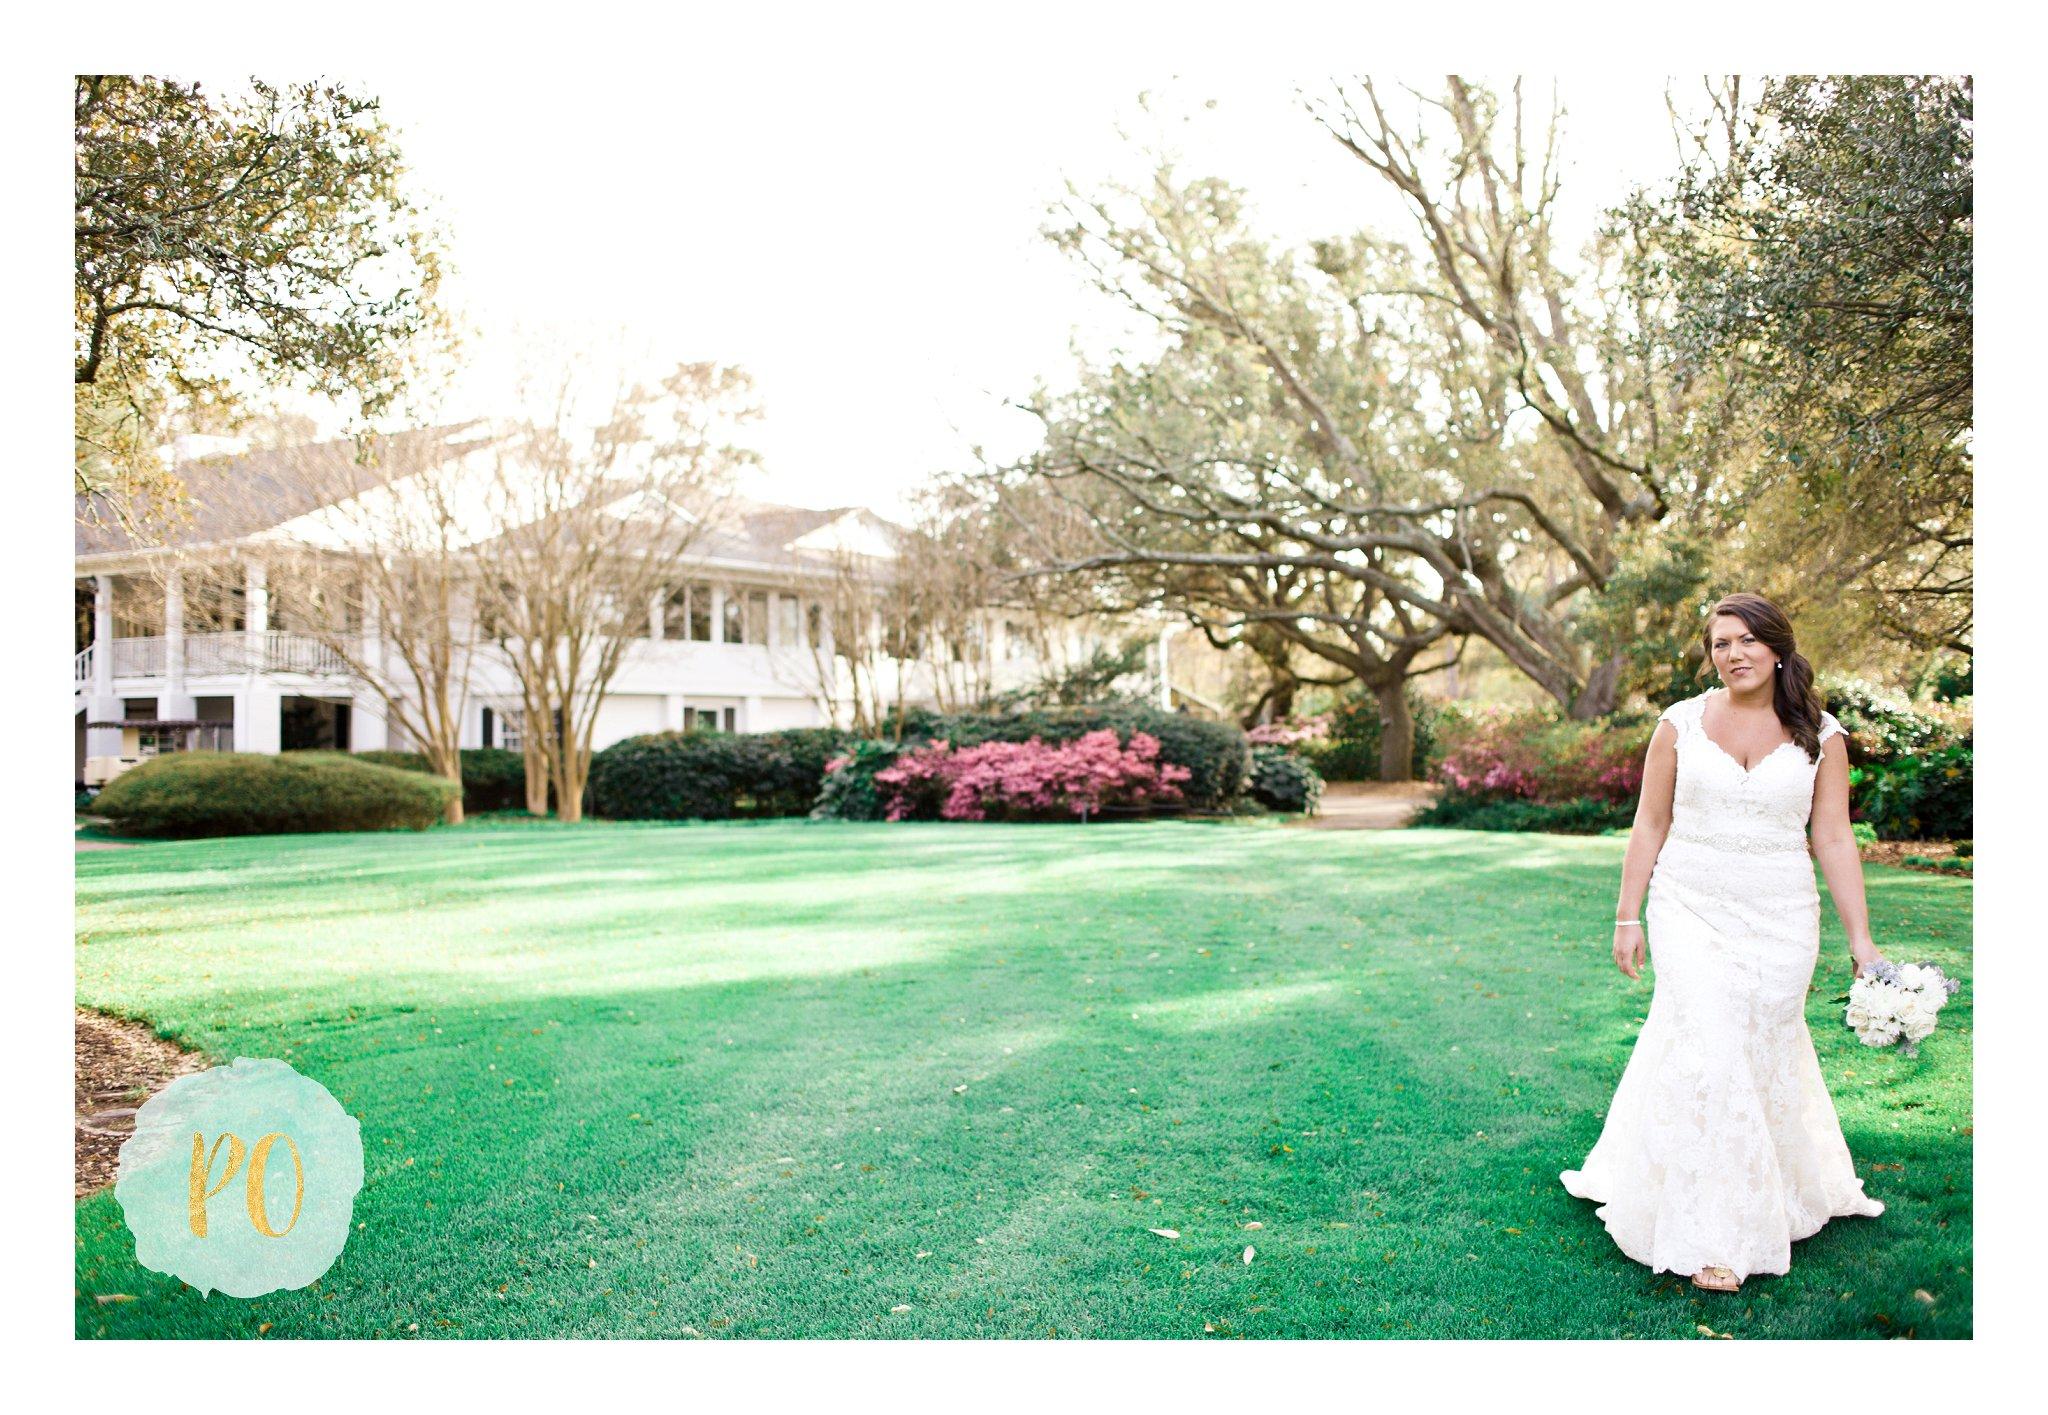 litchfield-golf-country-club-plantation-bridal-pawleys-island-sc-photos_0012.jpg